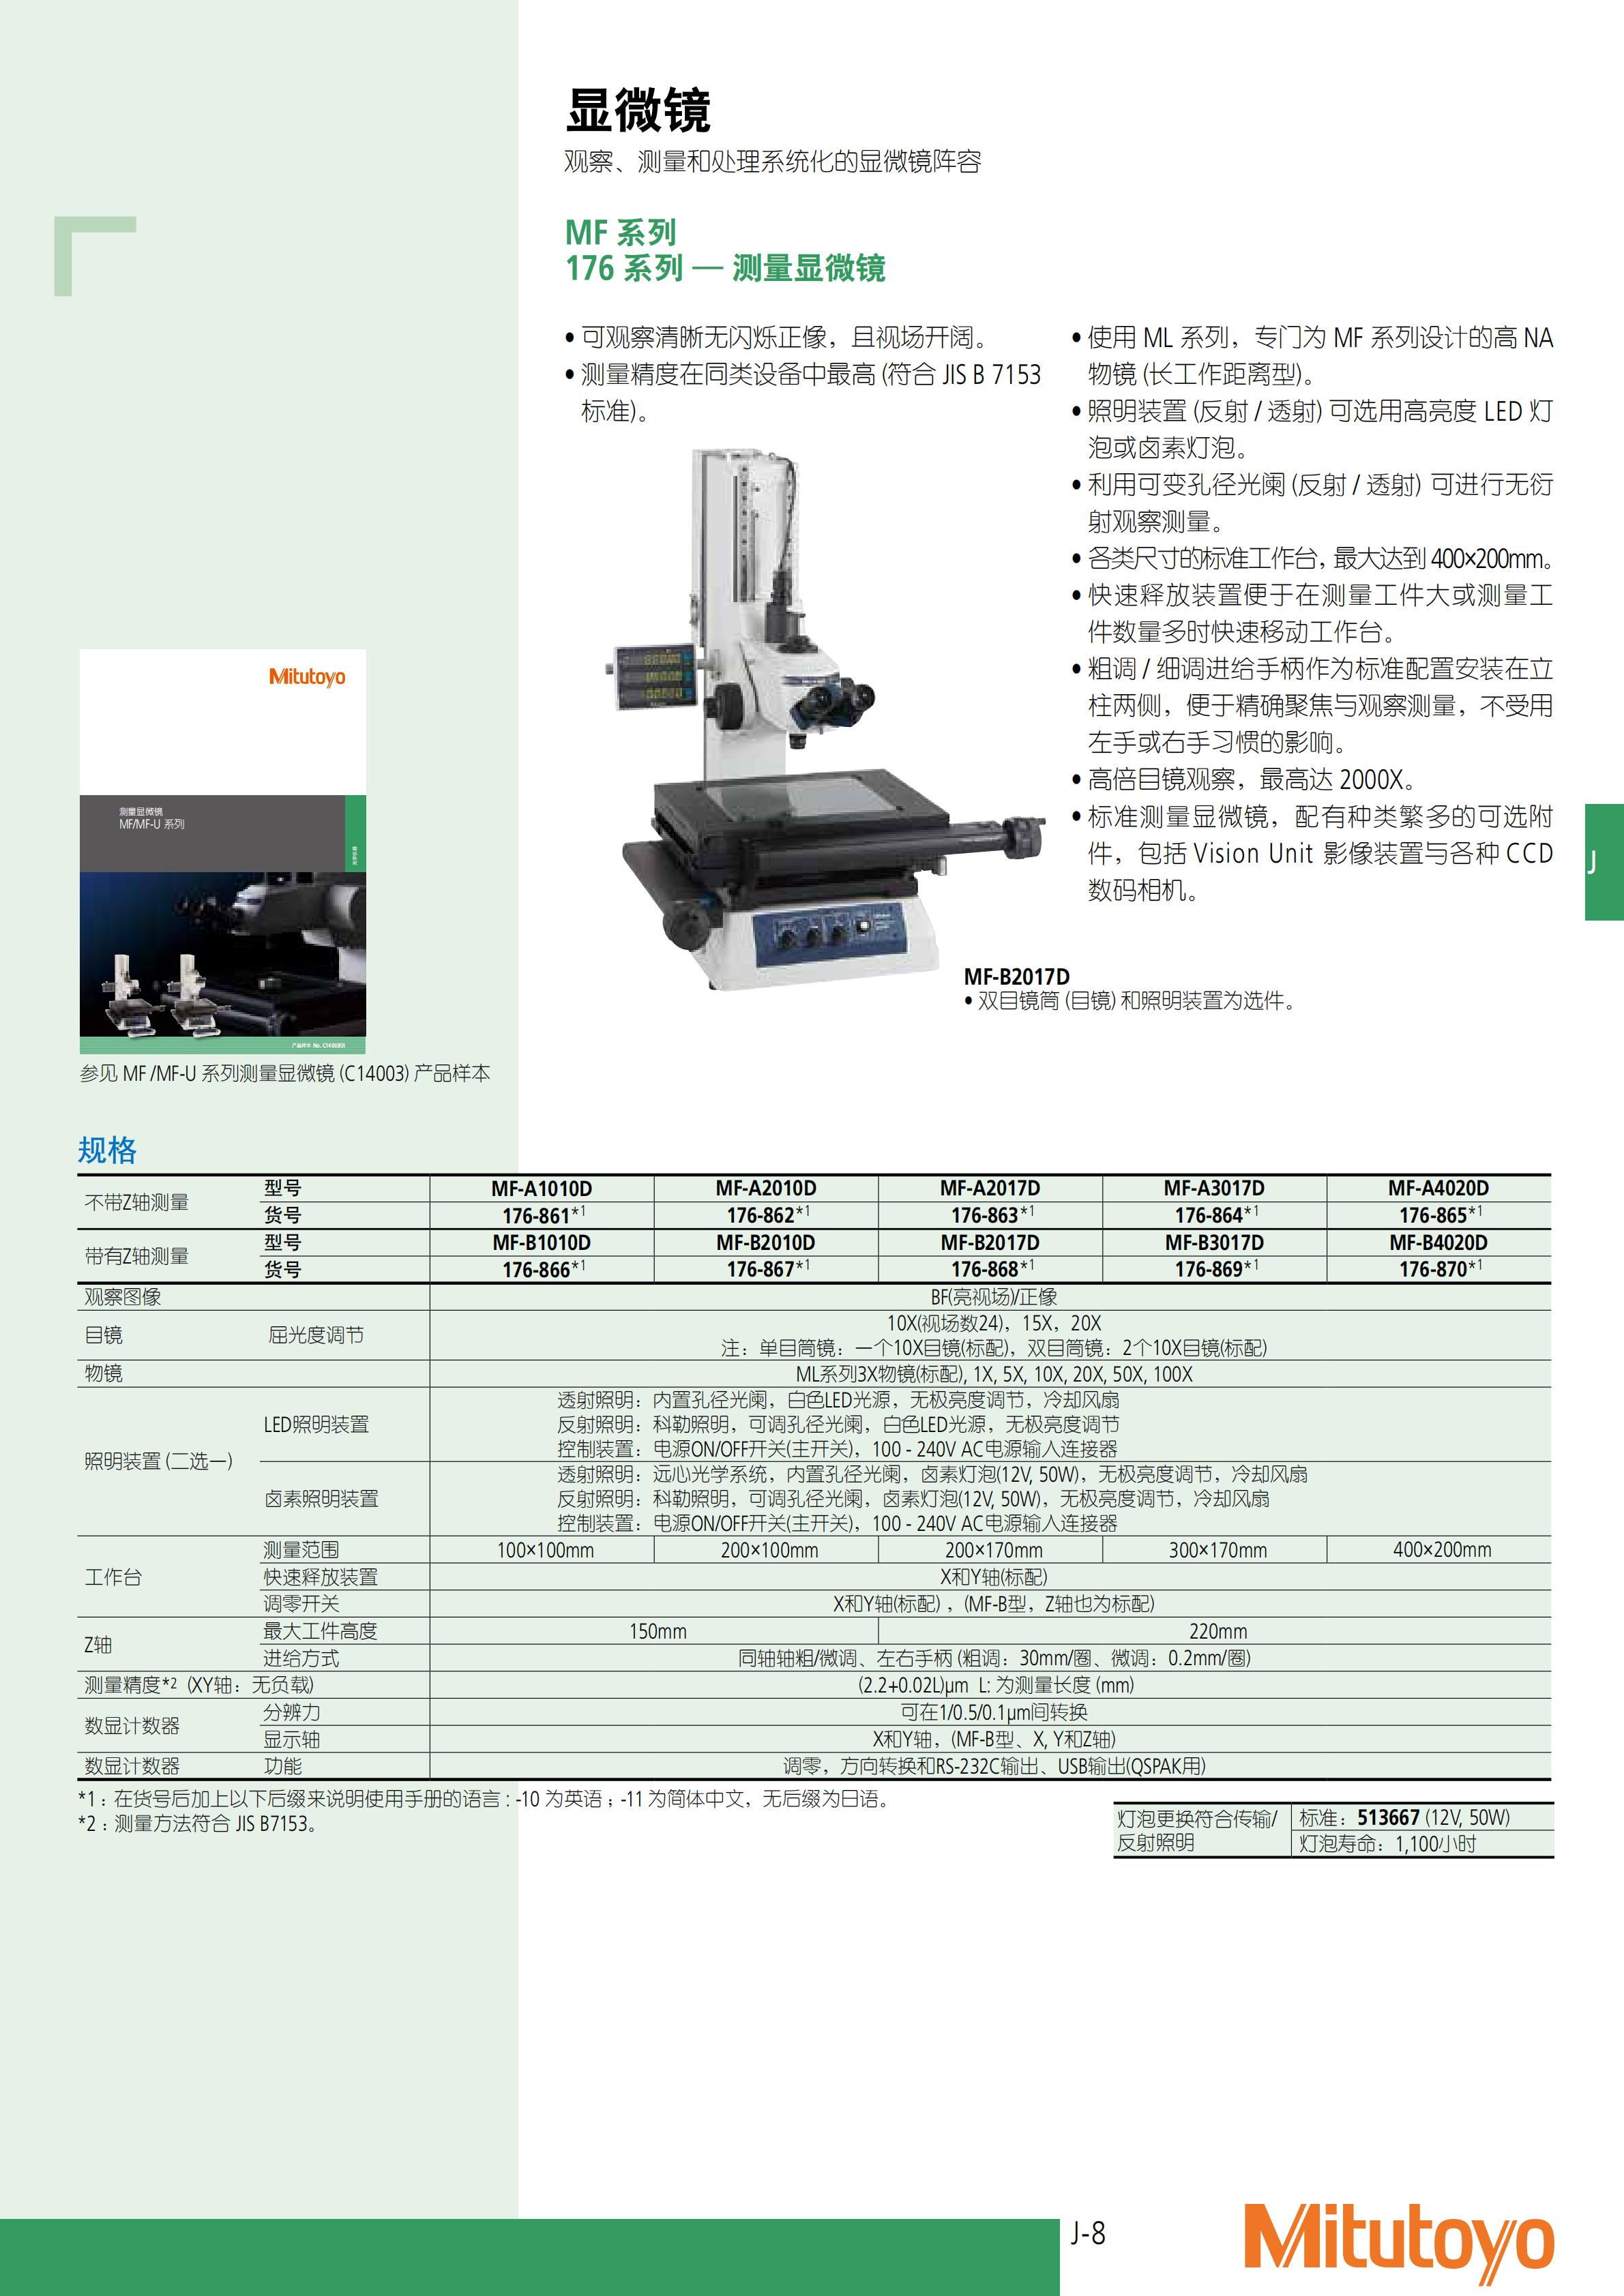 工业显微镜-三丰彩页_502